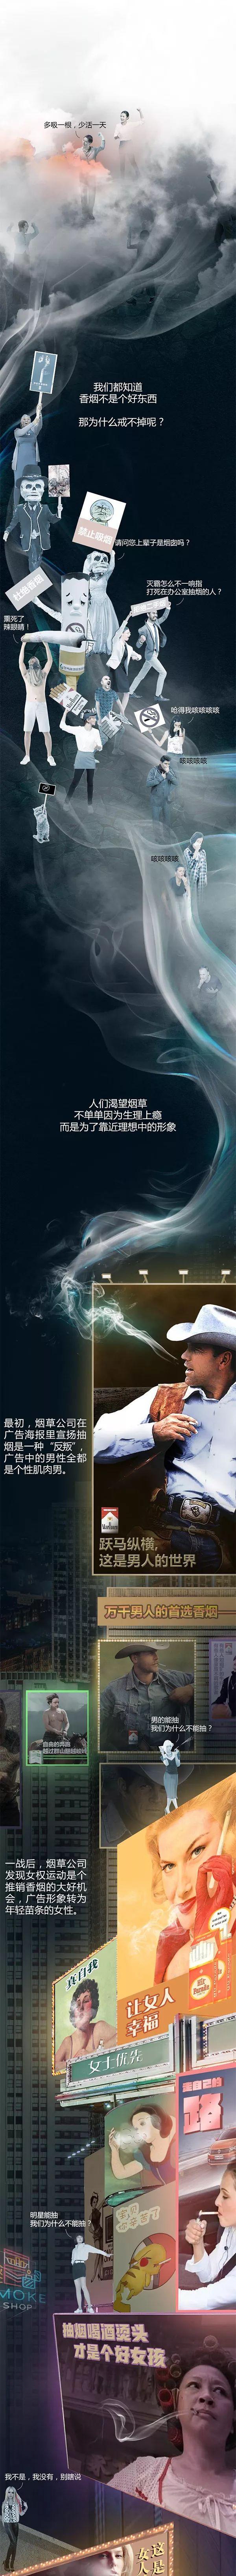 一万个抽烟的理由